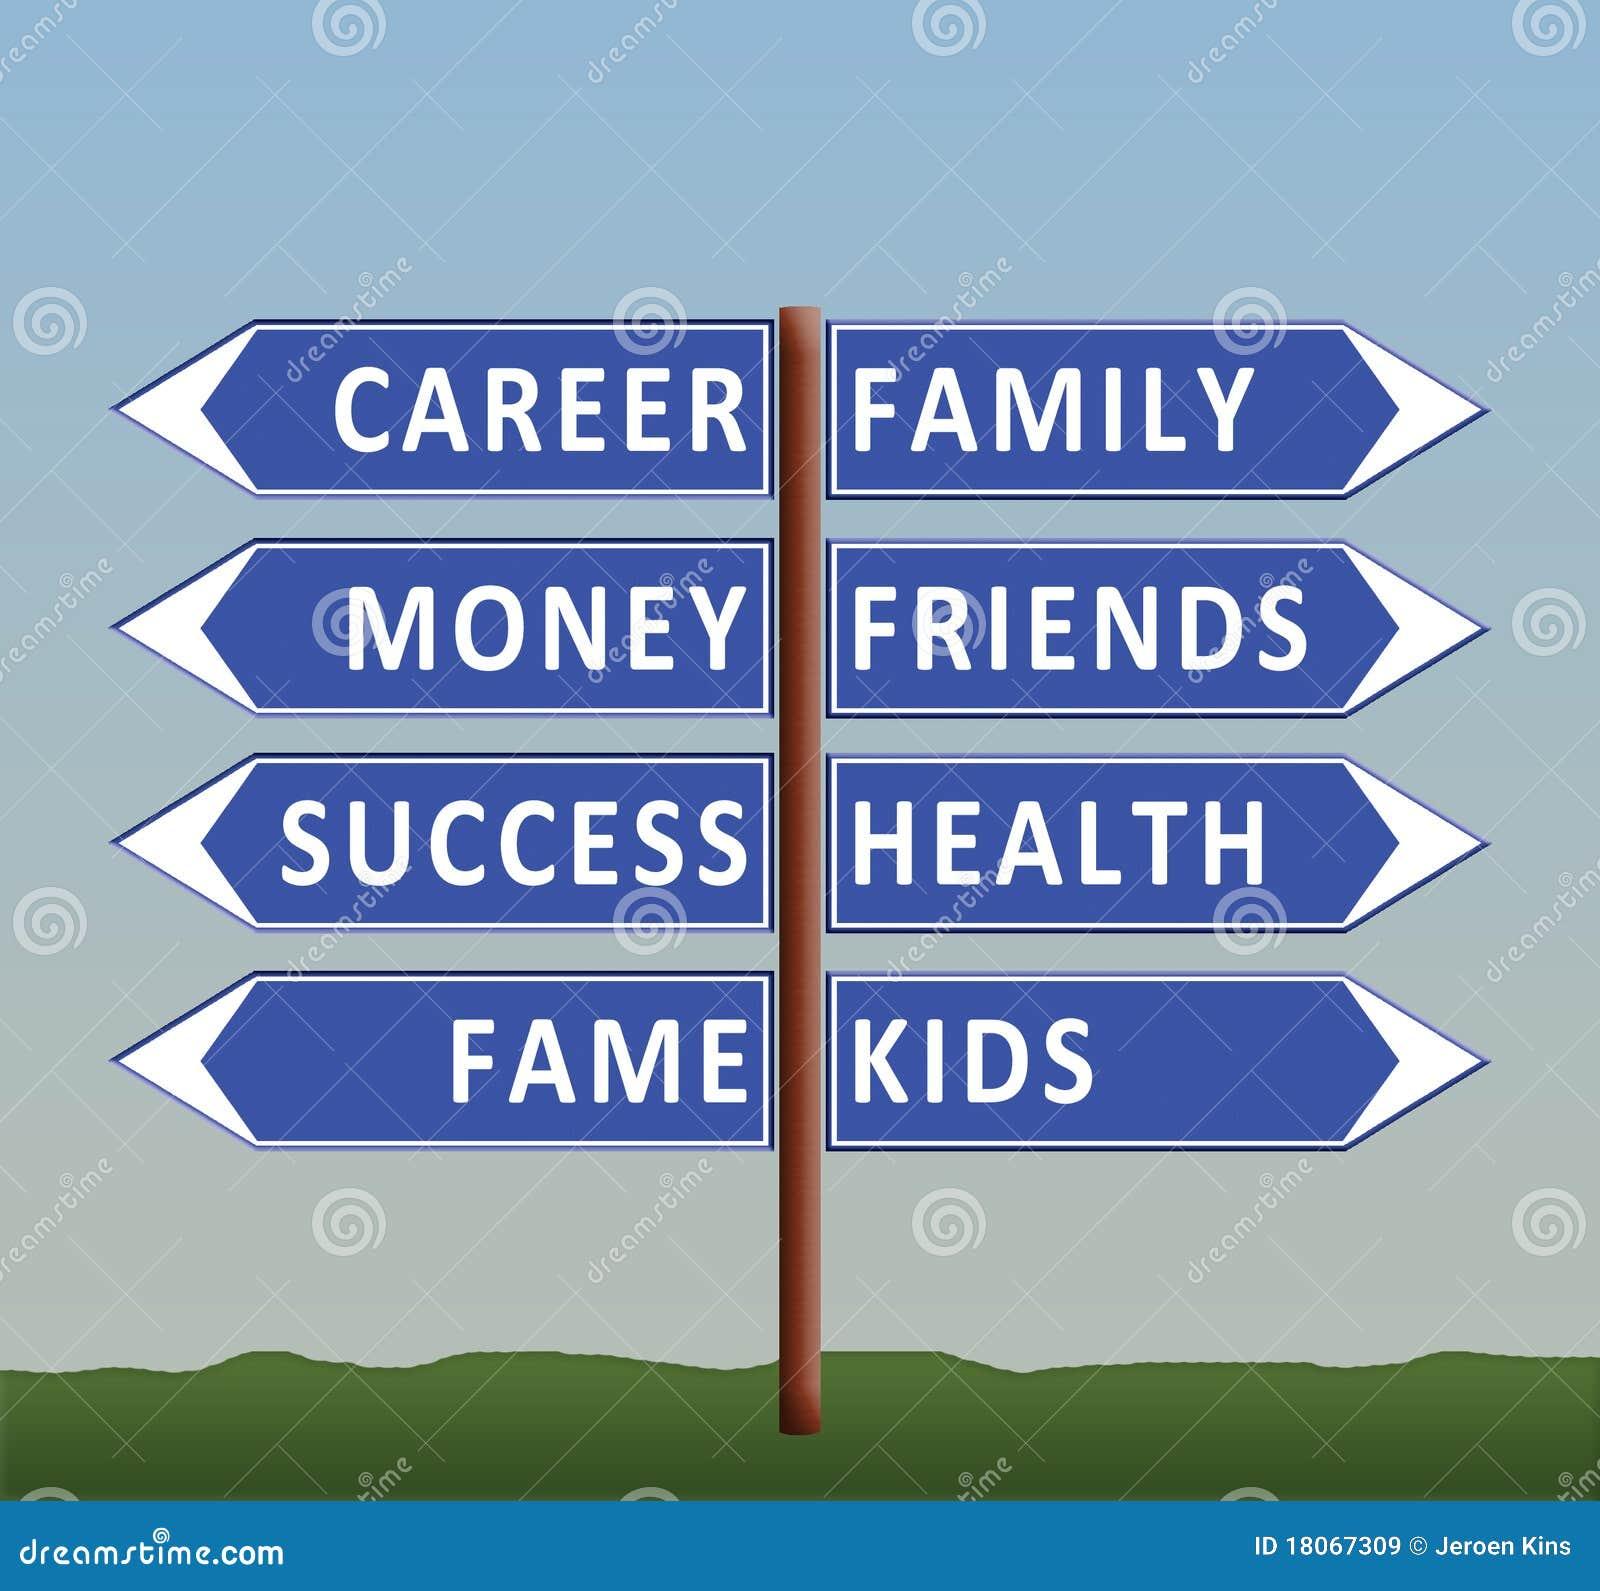 Dilemma des Lebens: Karriere oder Familie